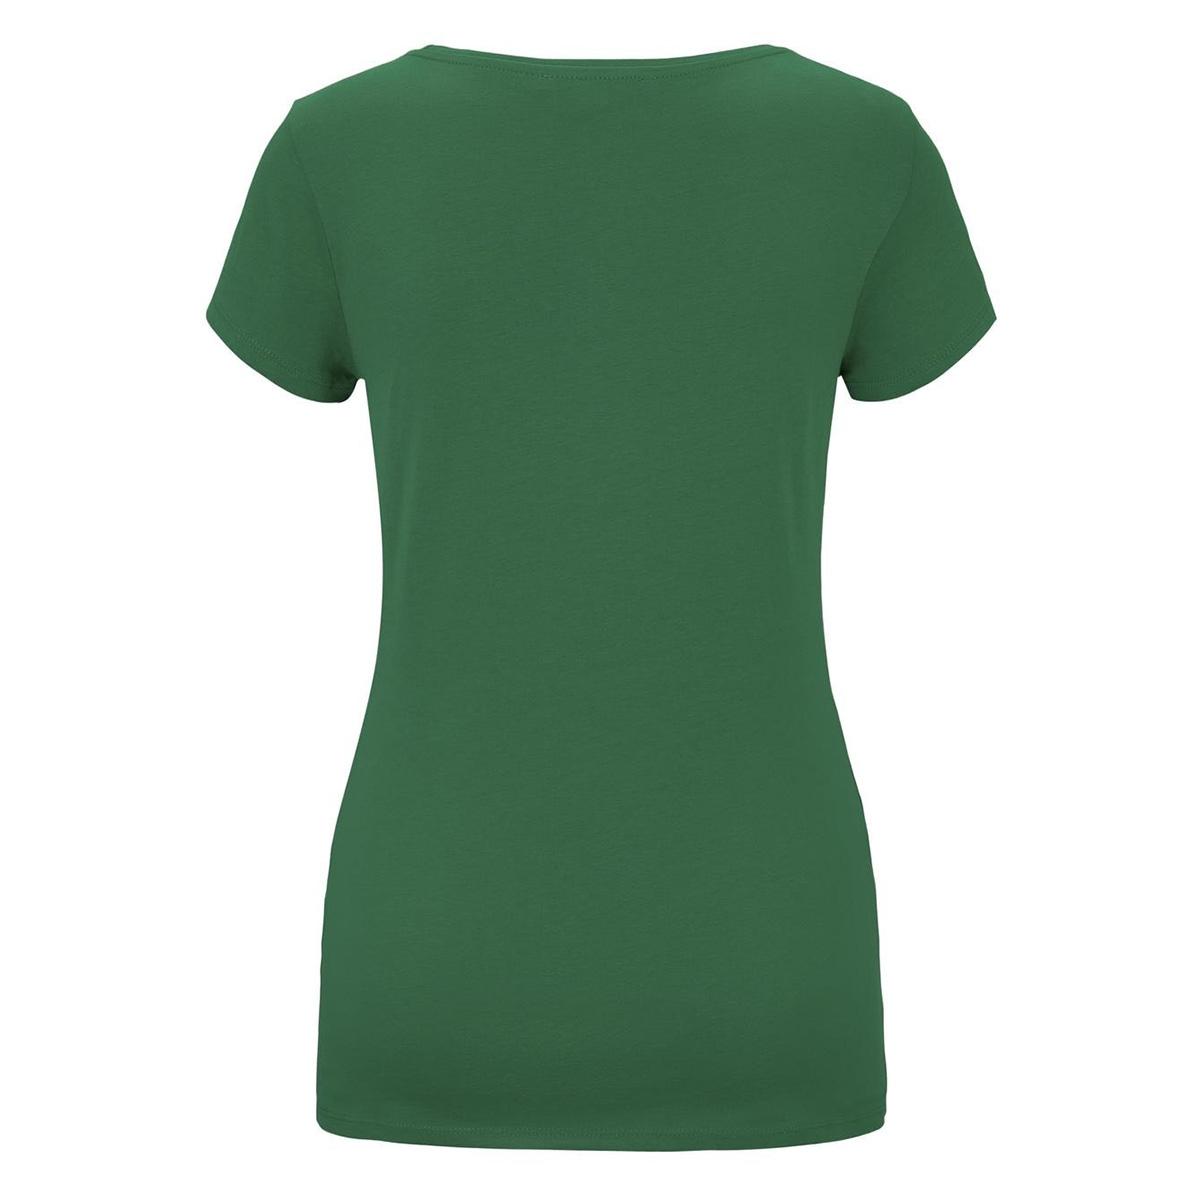 jersey t shirt 1016431xx71 tom tailor t-shirt 21349